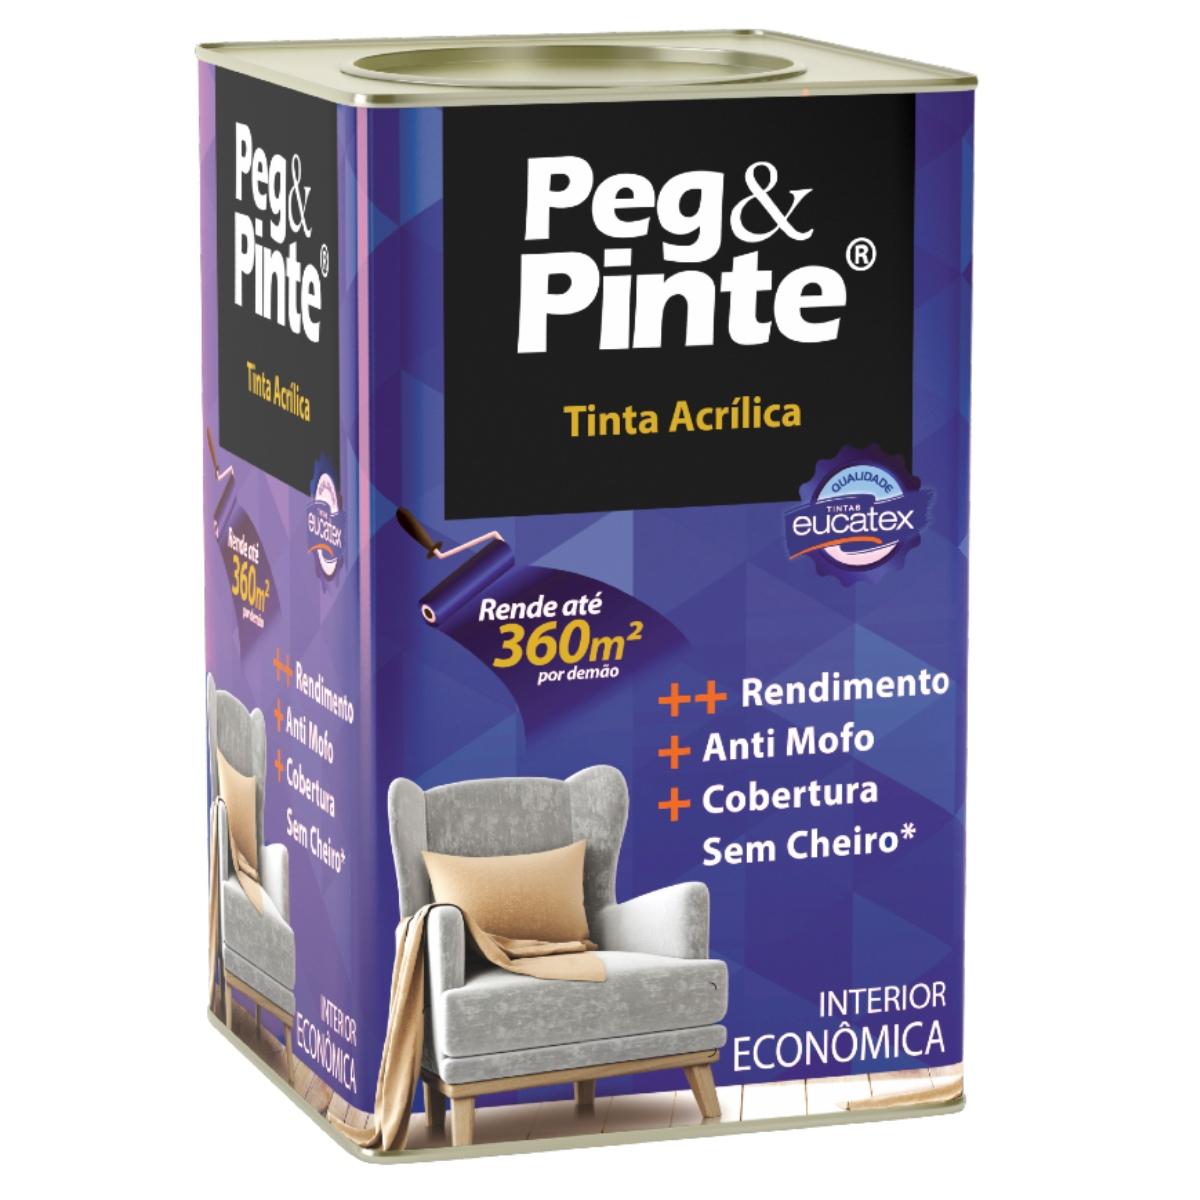 Tinta Acrílica Interna Economica Peg e Pinte 18L (Cores)